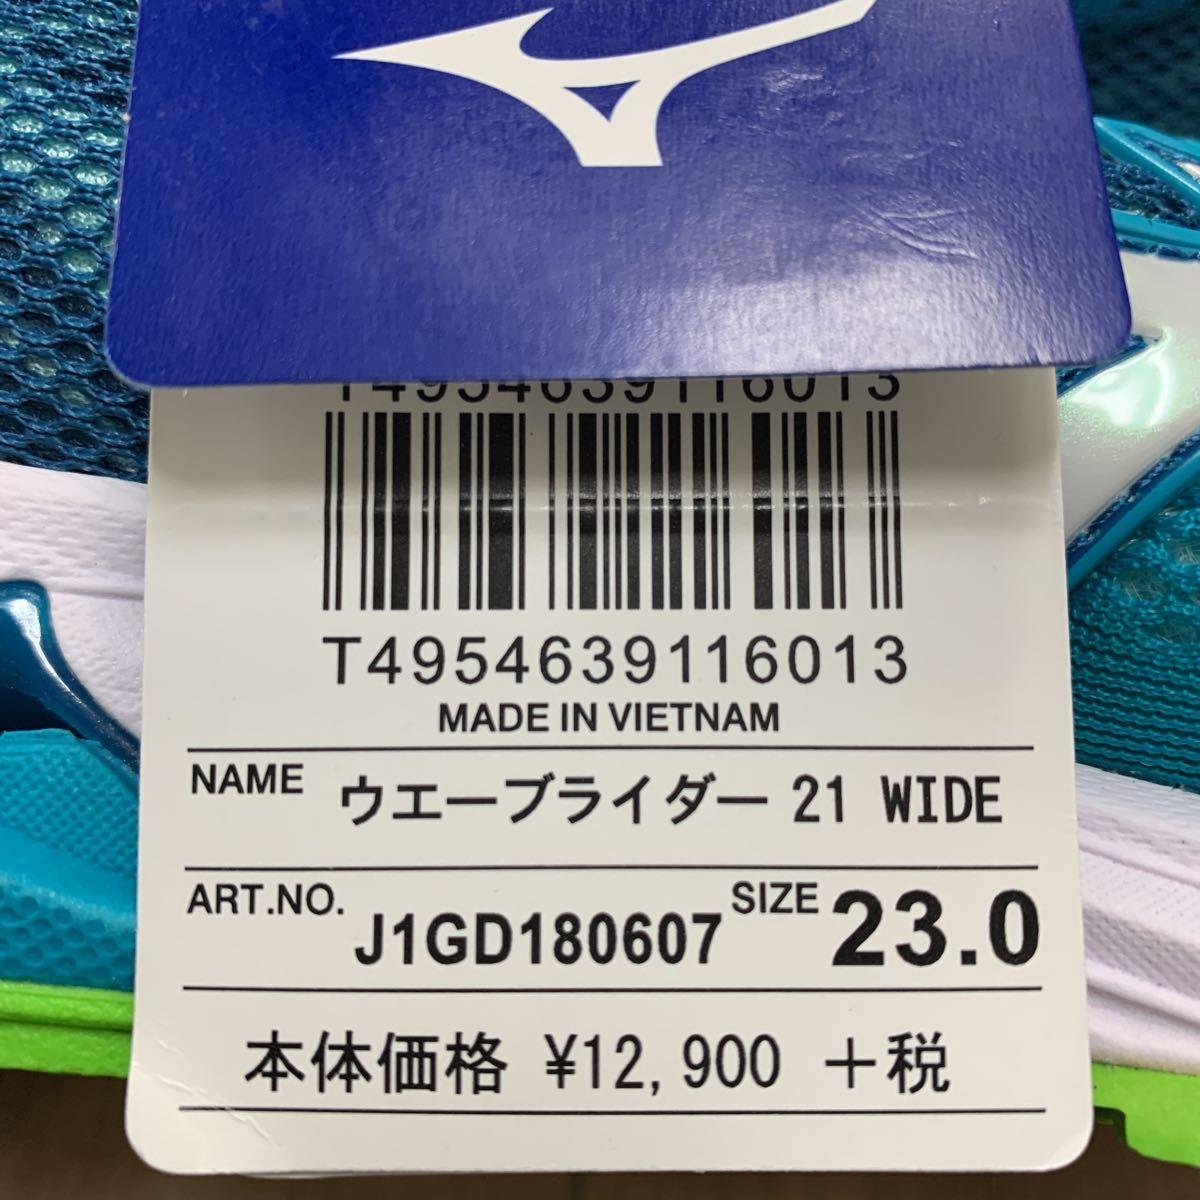 ミズノ ウエーブライダー 21 WIDE J1GD180607 23.0cm 新品